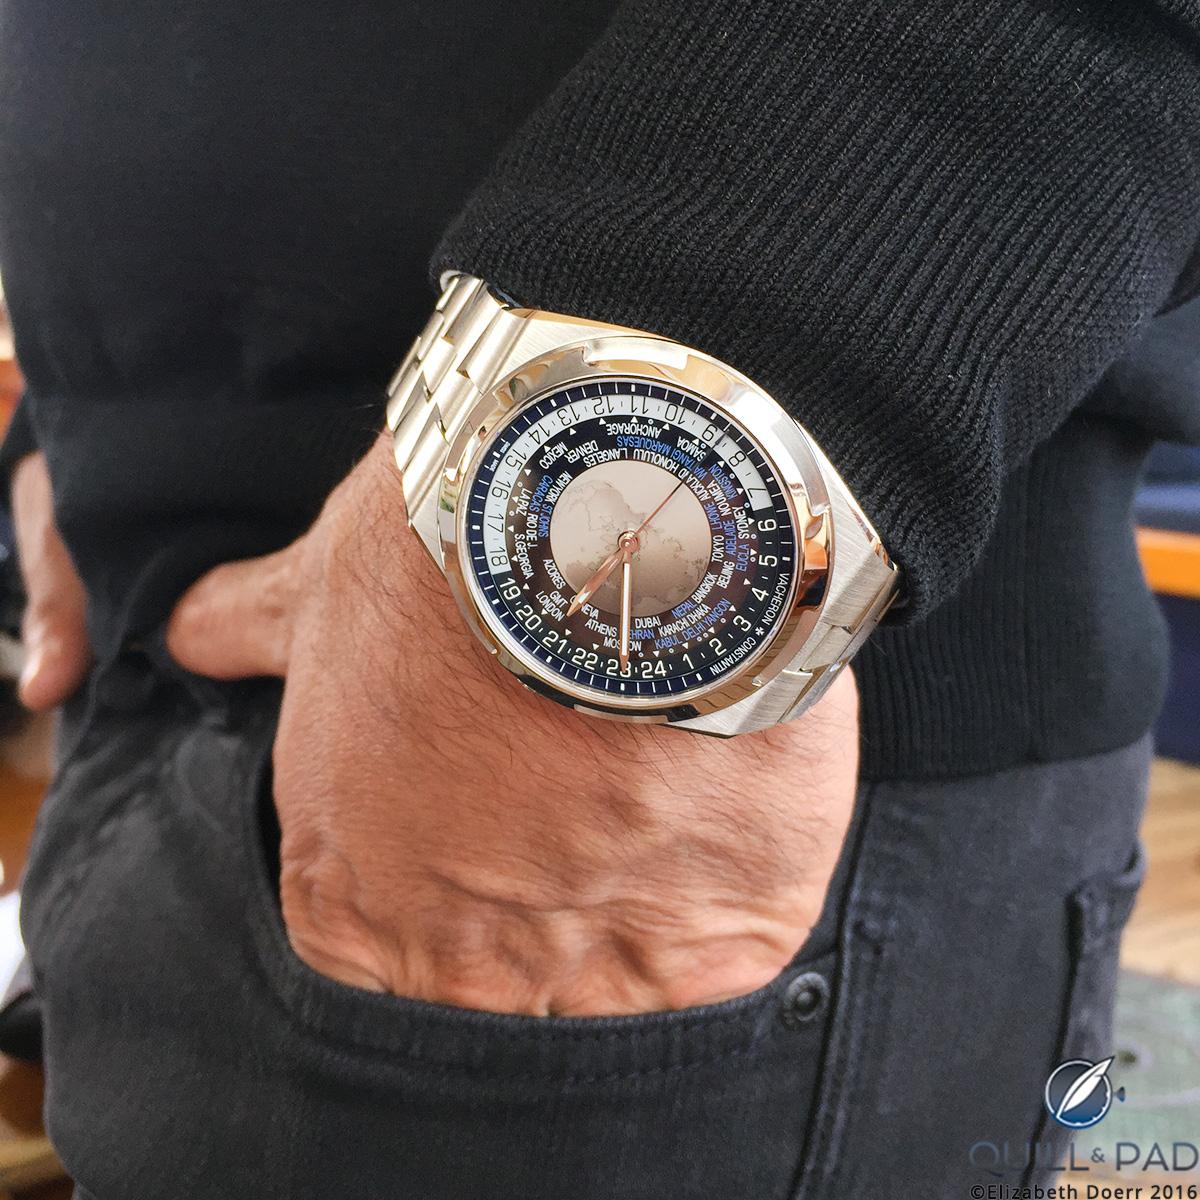 The Vacheron Constantin Overseas worldtimer with a blue dial